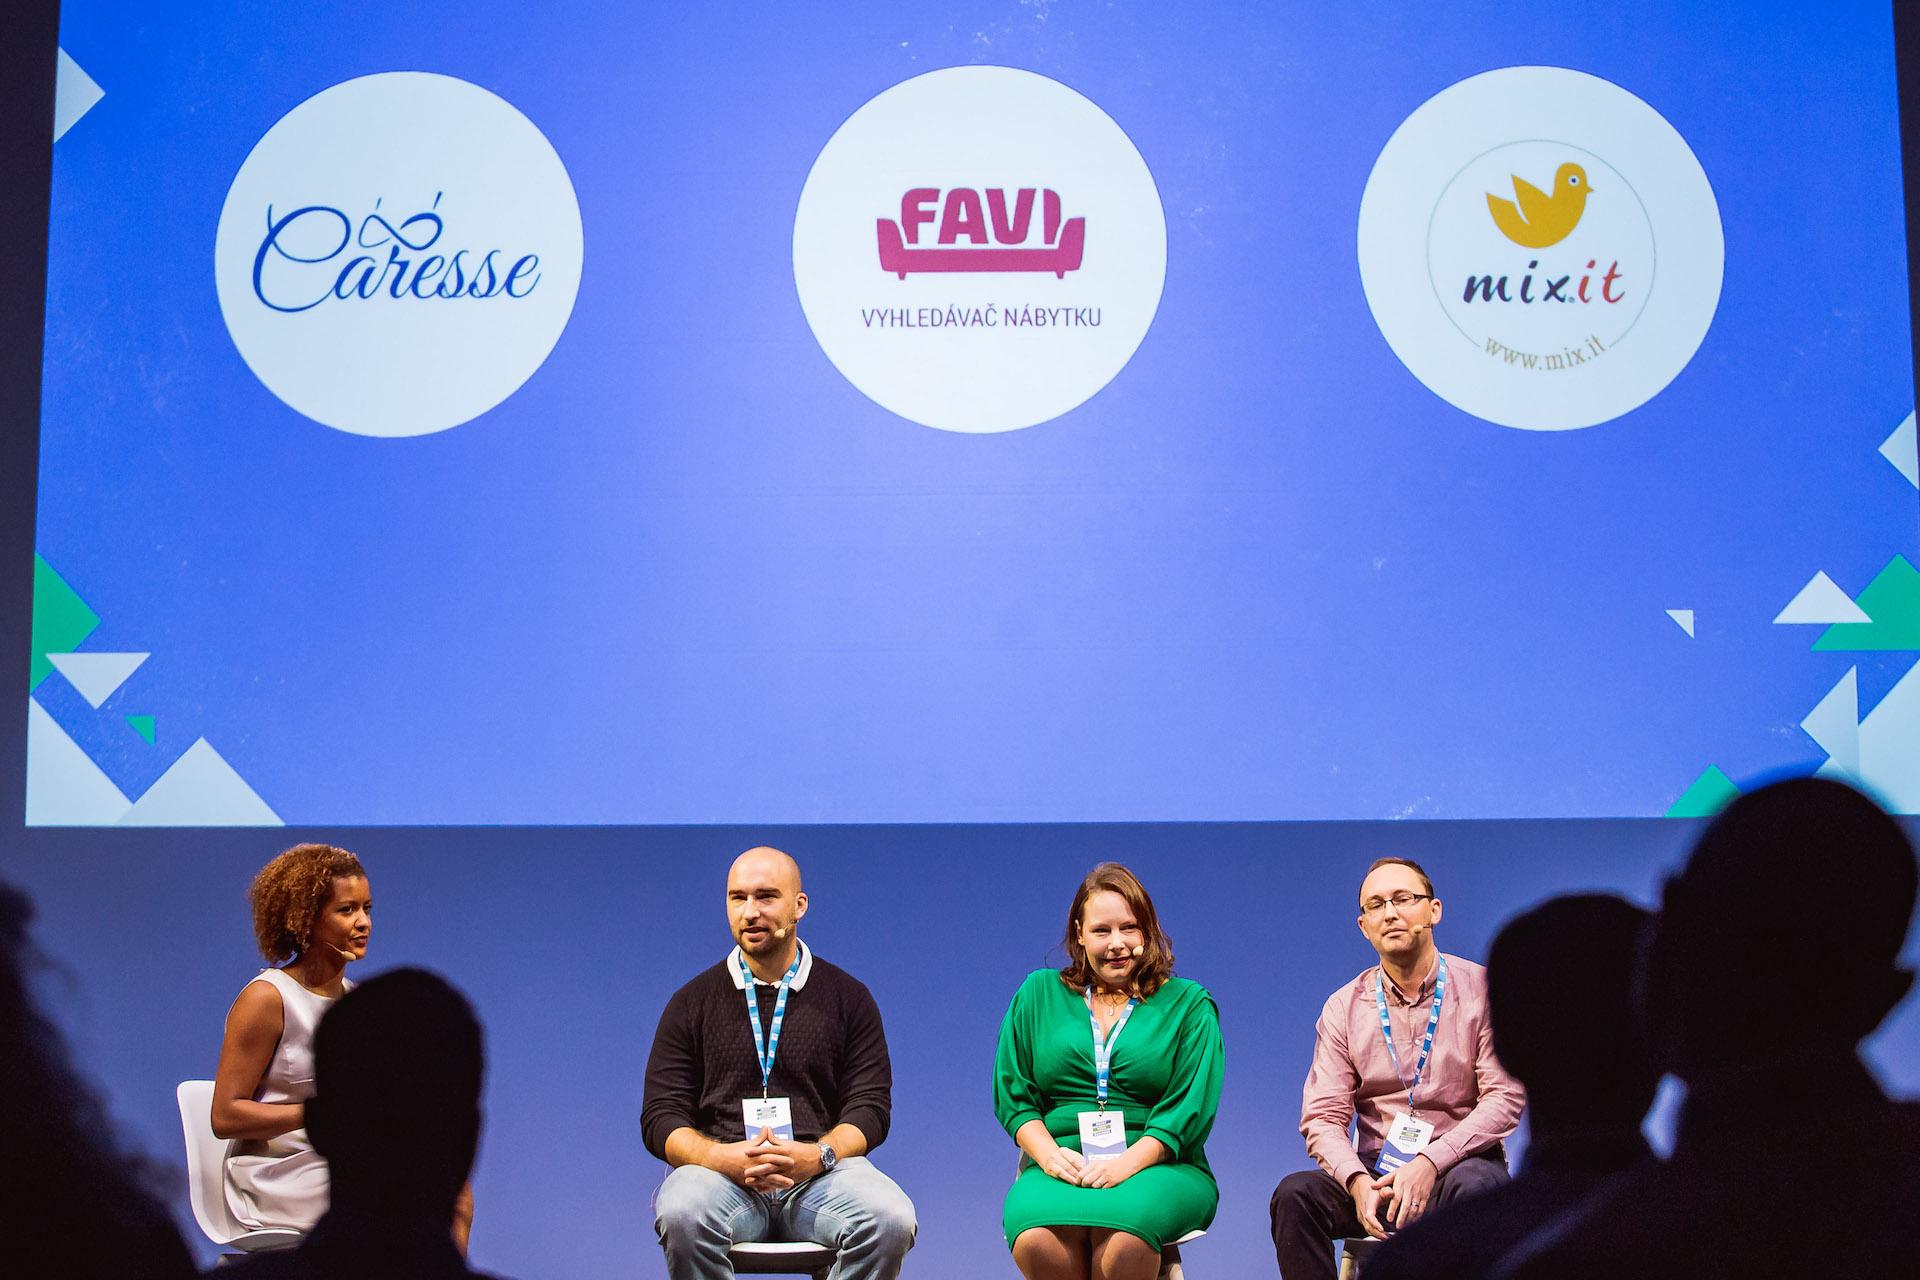 Zástupci firem Favi, Mixit a dalších sdíleli na akci Boost your Business své zkušenosti s Facebookem a Instagramem